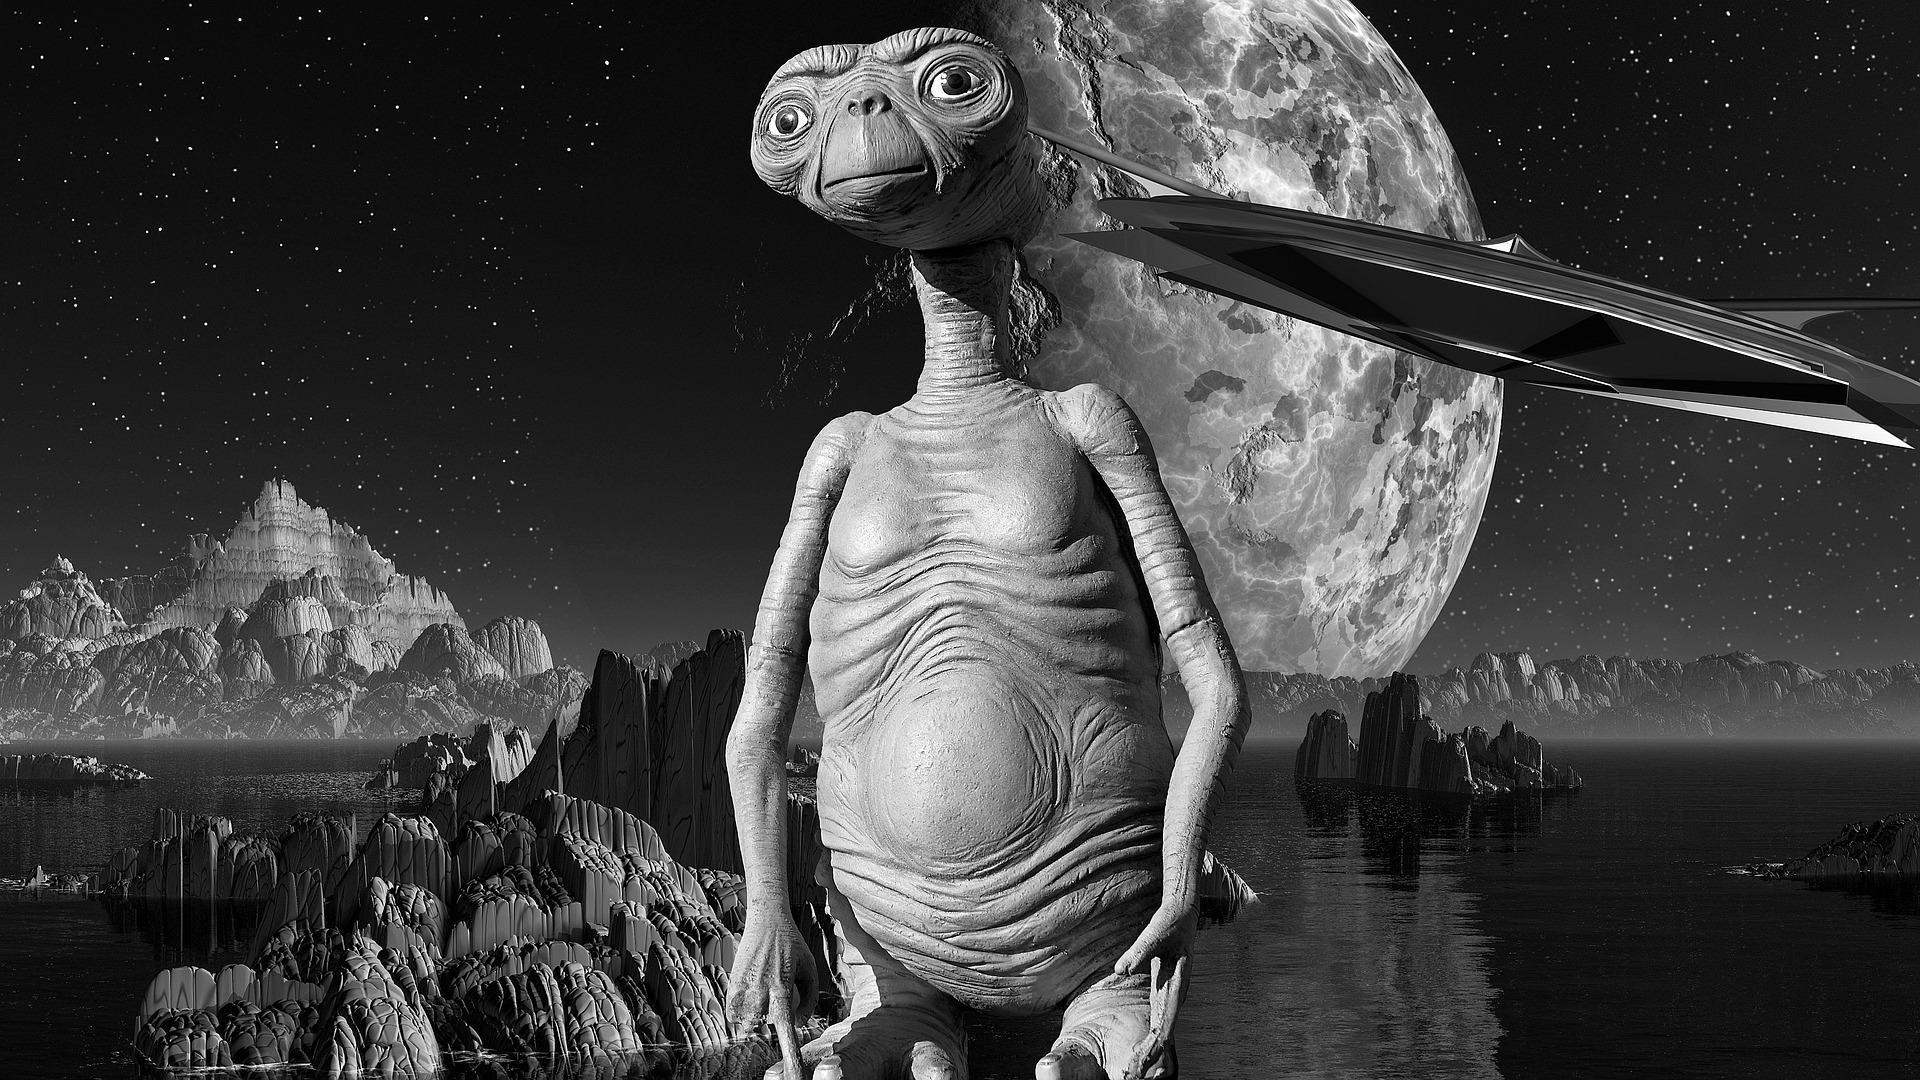 et 1842515 1920 - Rozdíl mezi Perníkovou chaloupkou a roztomilým mimozemšťánkem